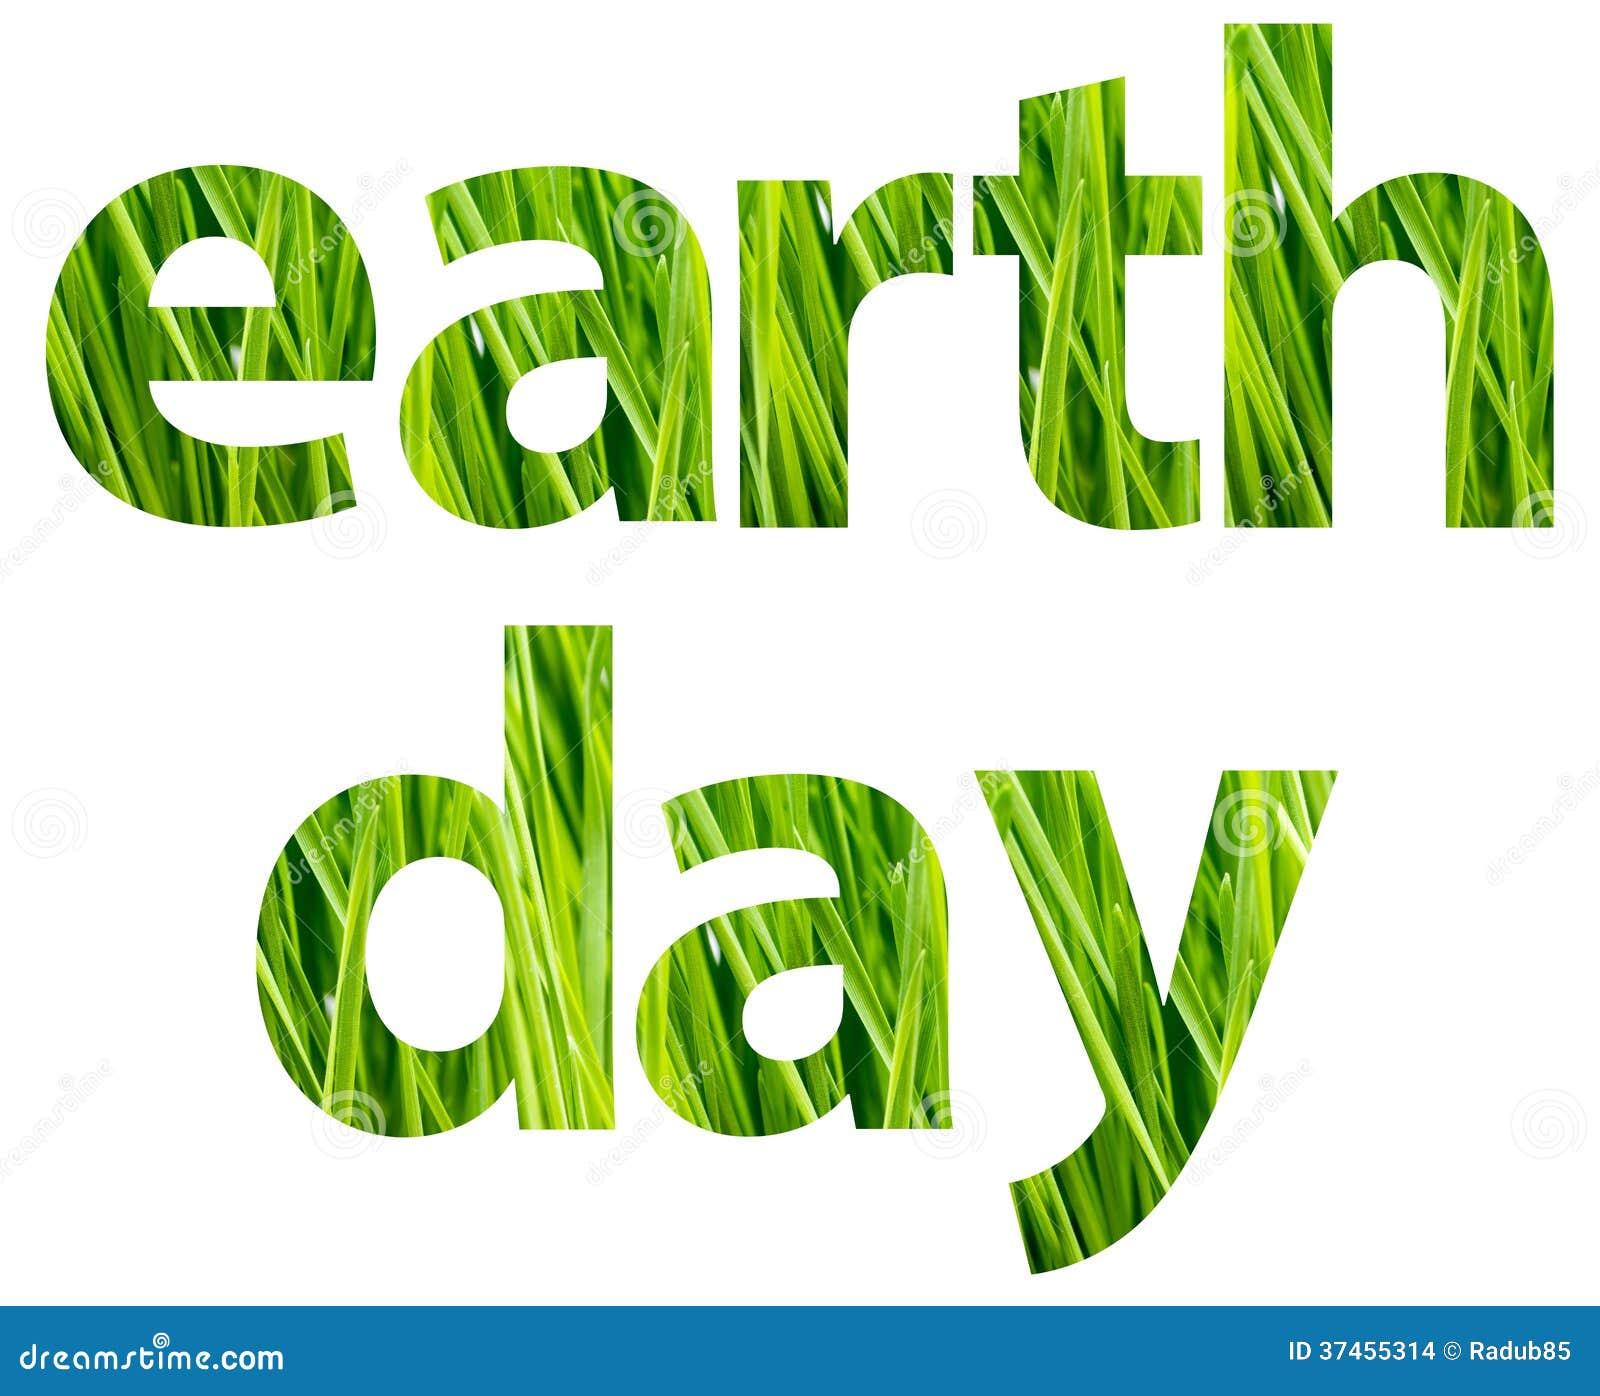 Dagen för grön jord uttrycker begrepp